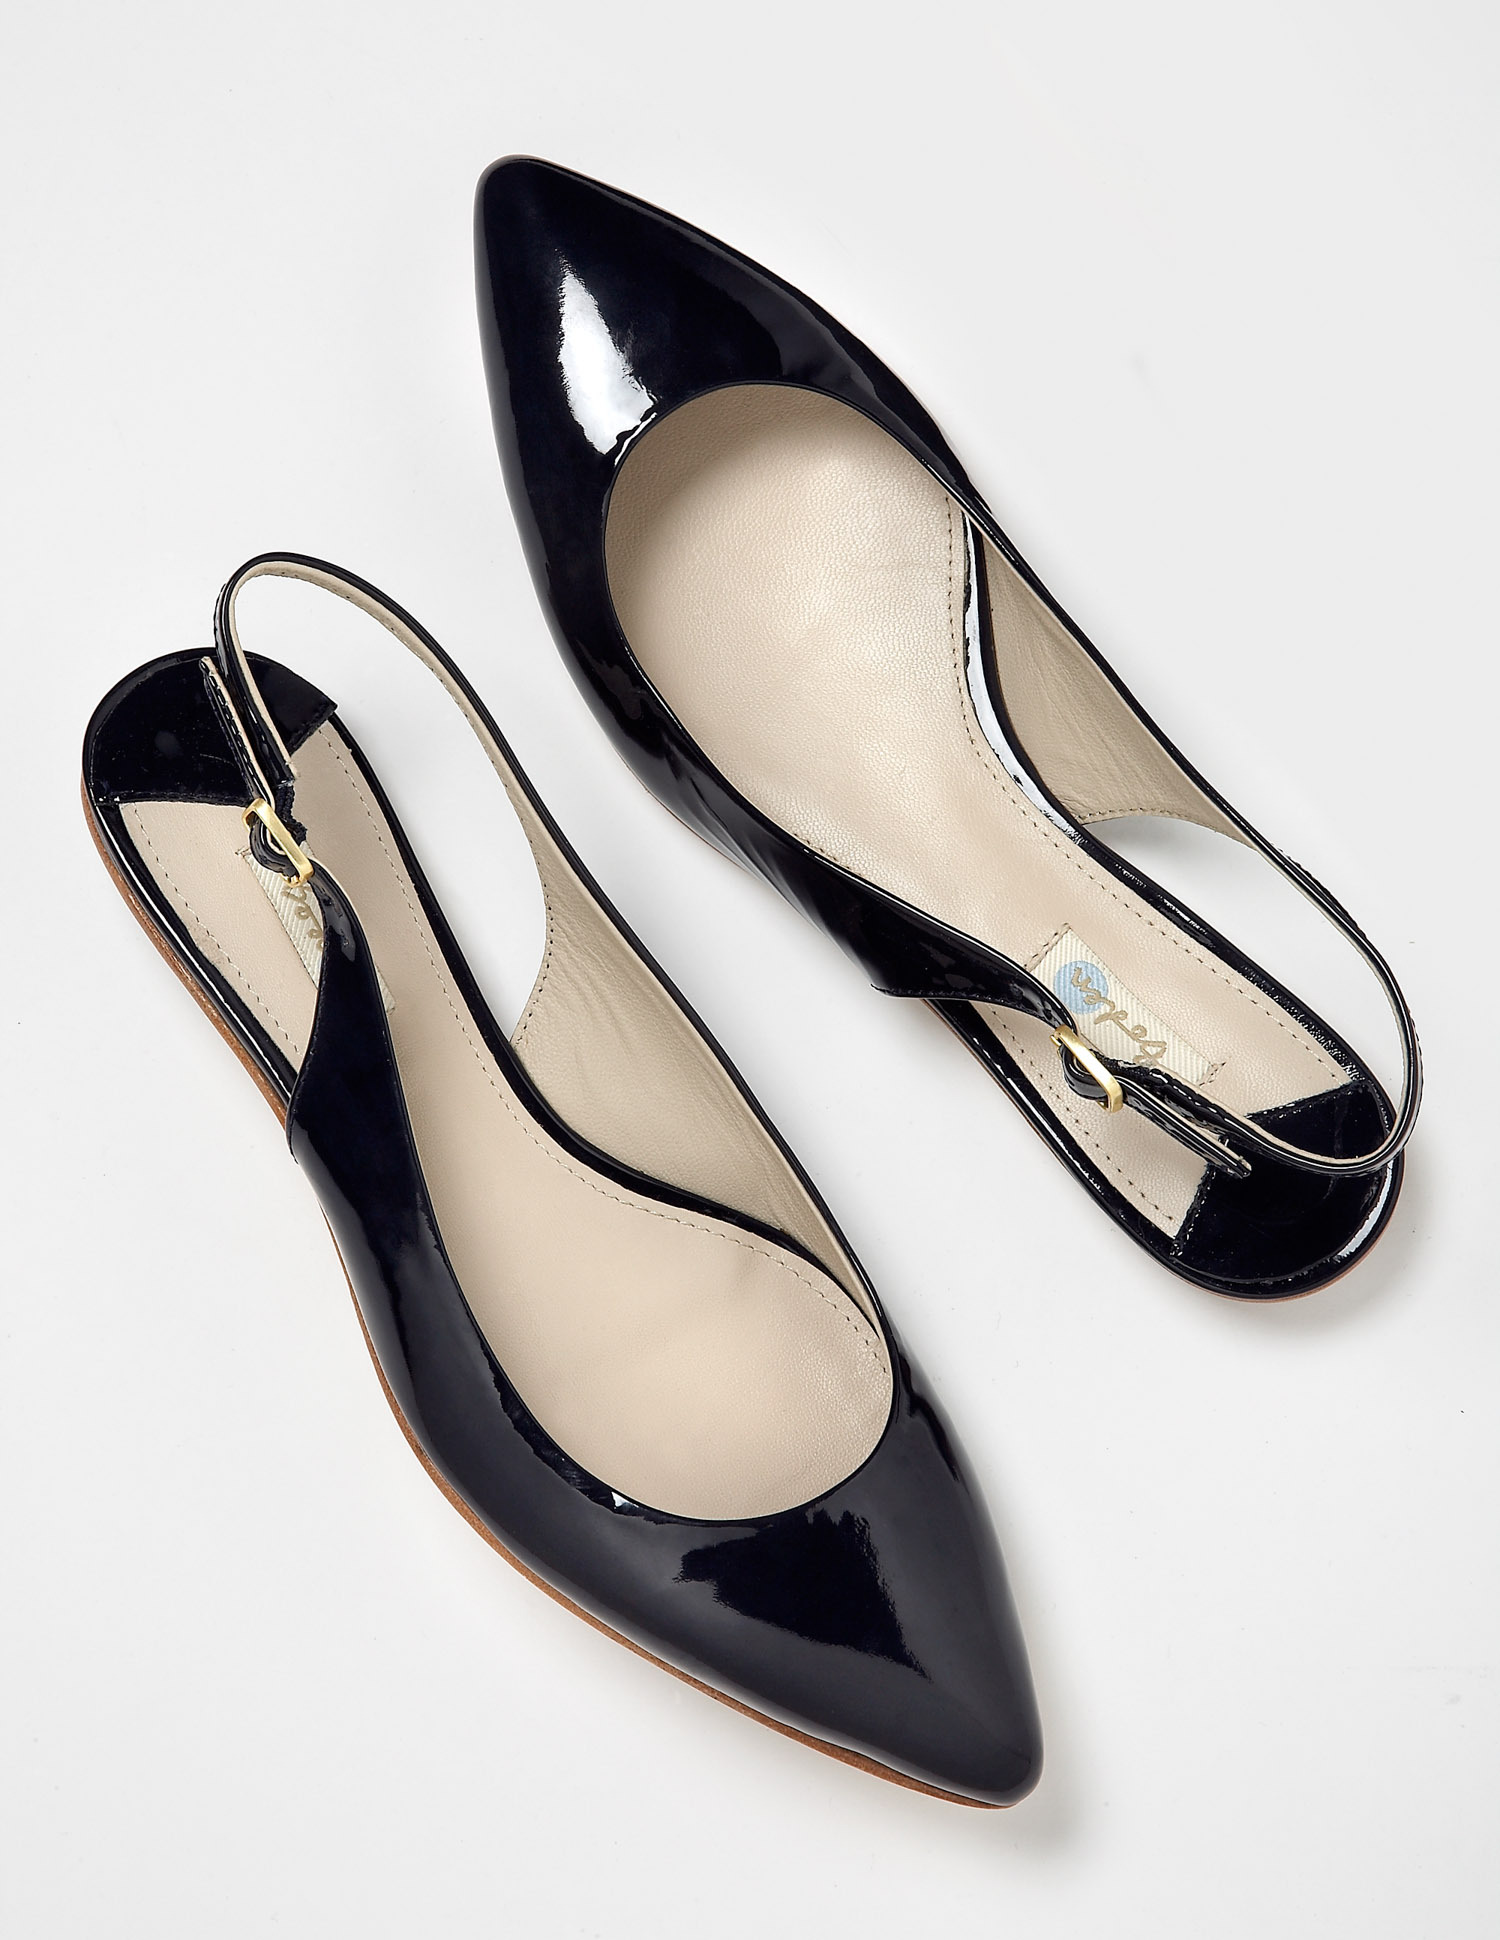 والاحذية Boden 2014 367991.jpg